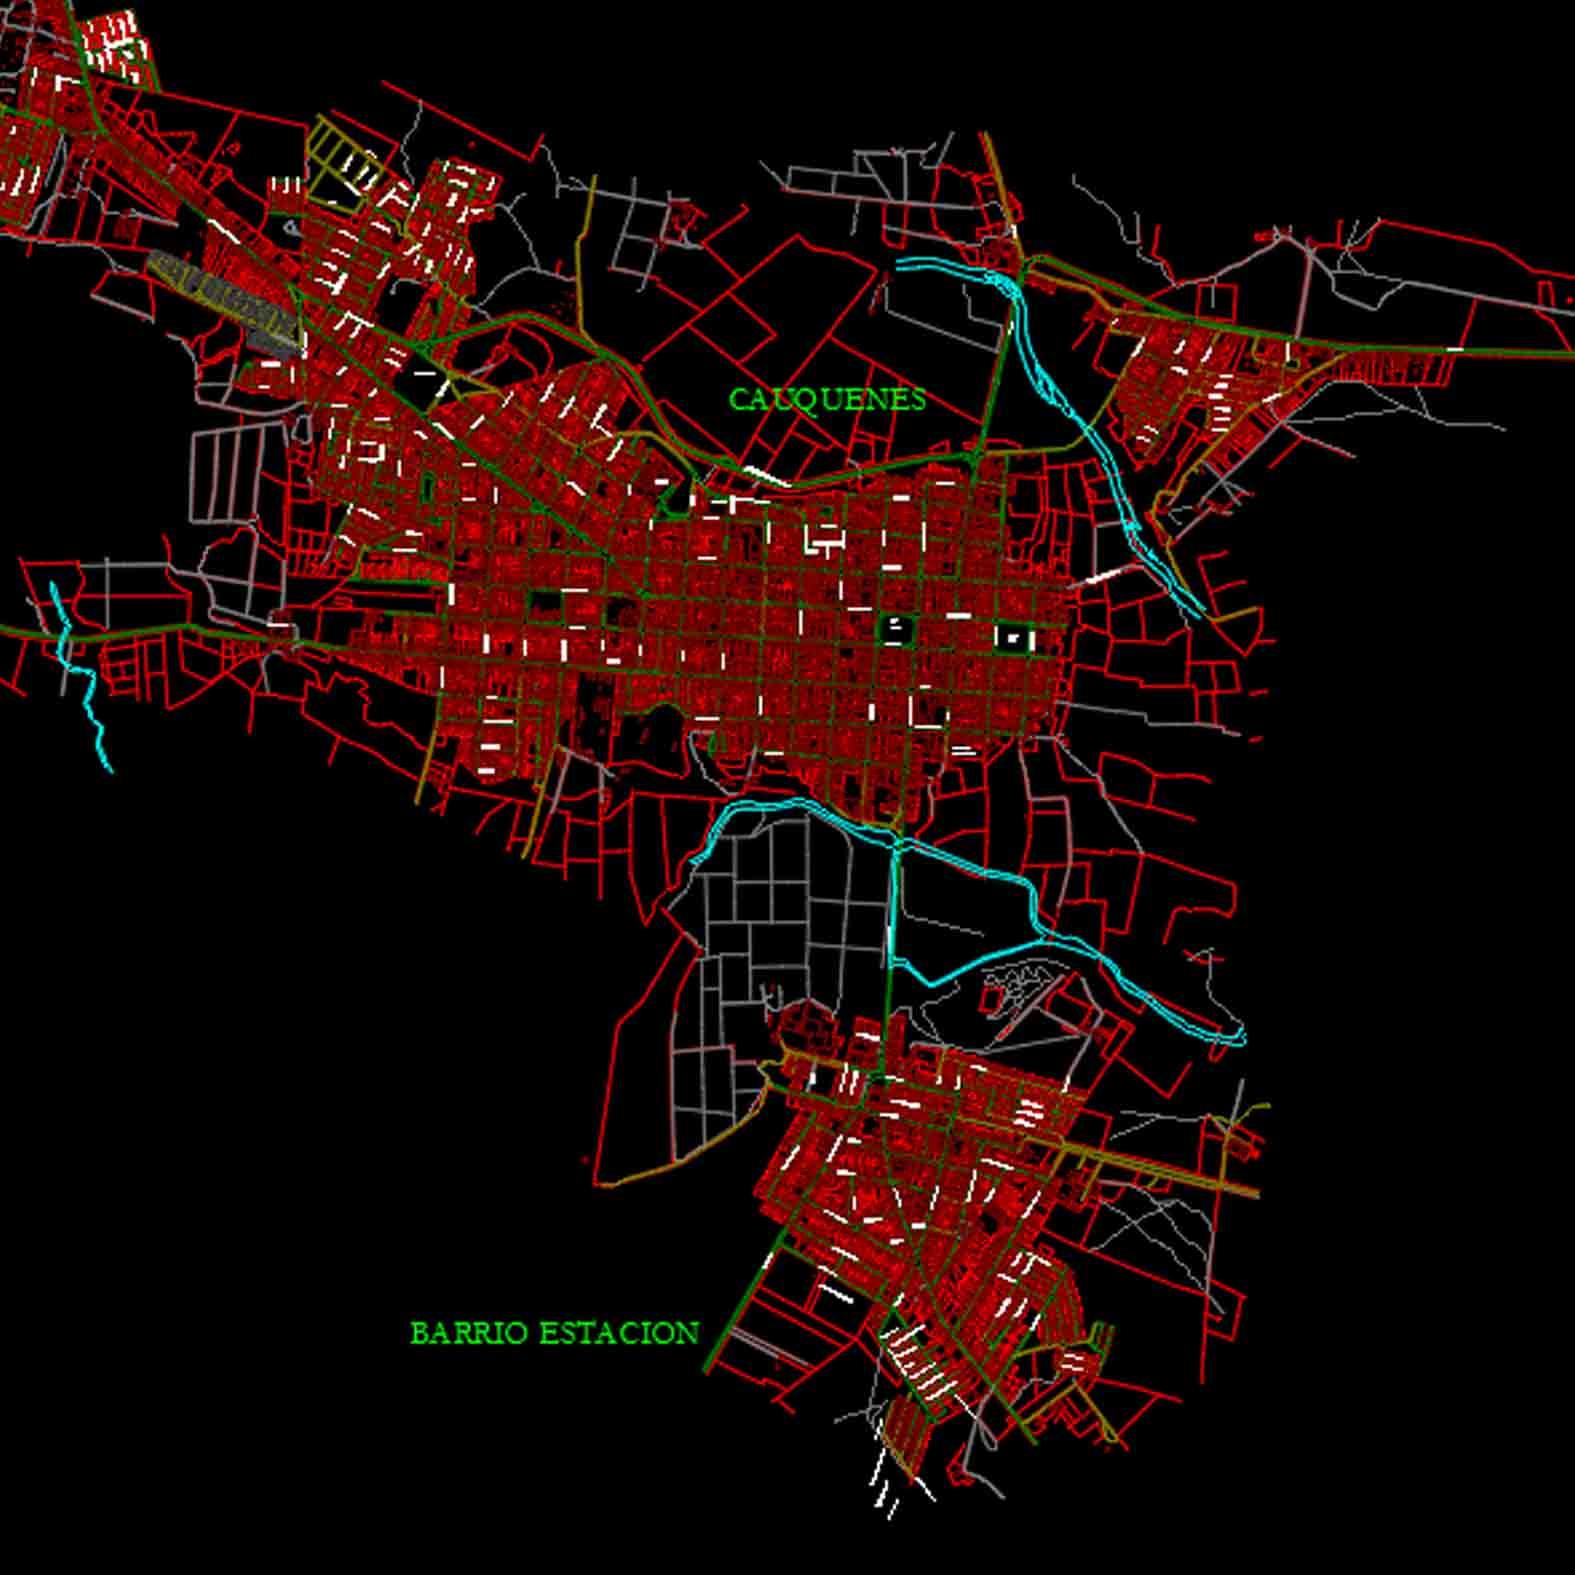 Plano: Ciudad de Cauquenes